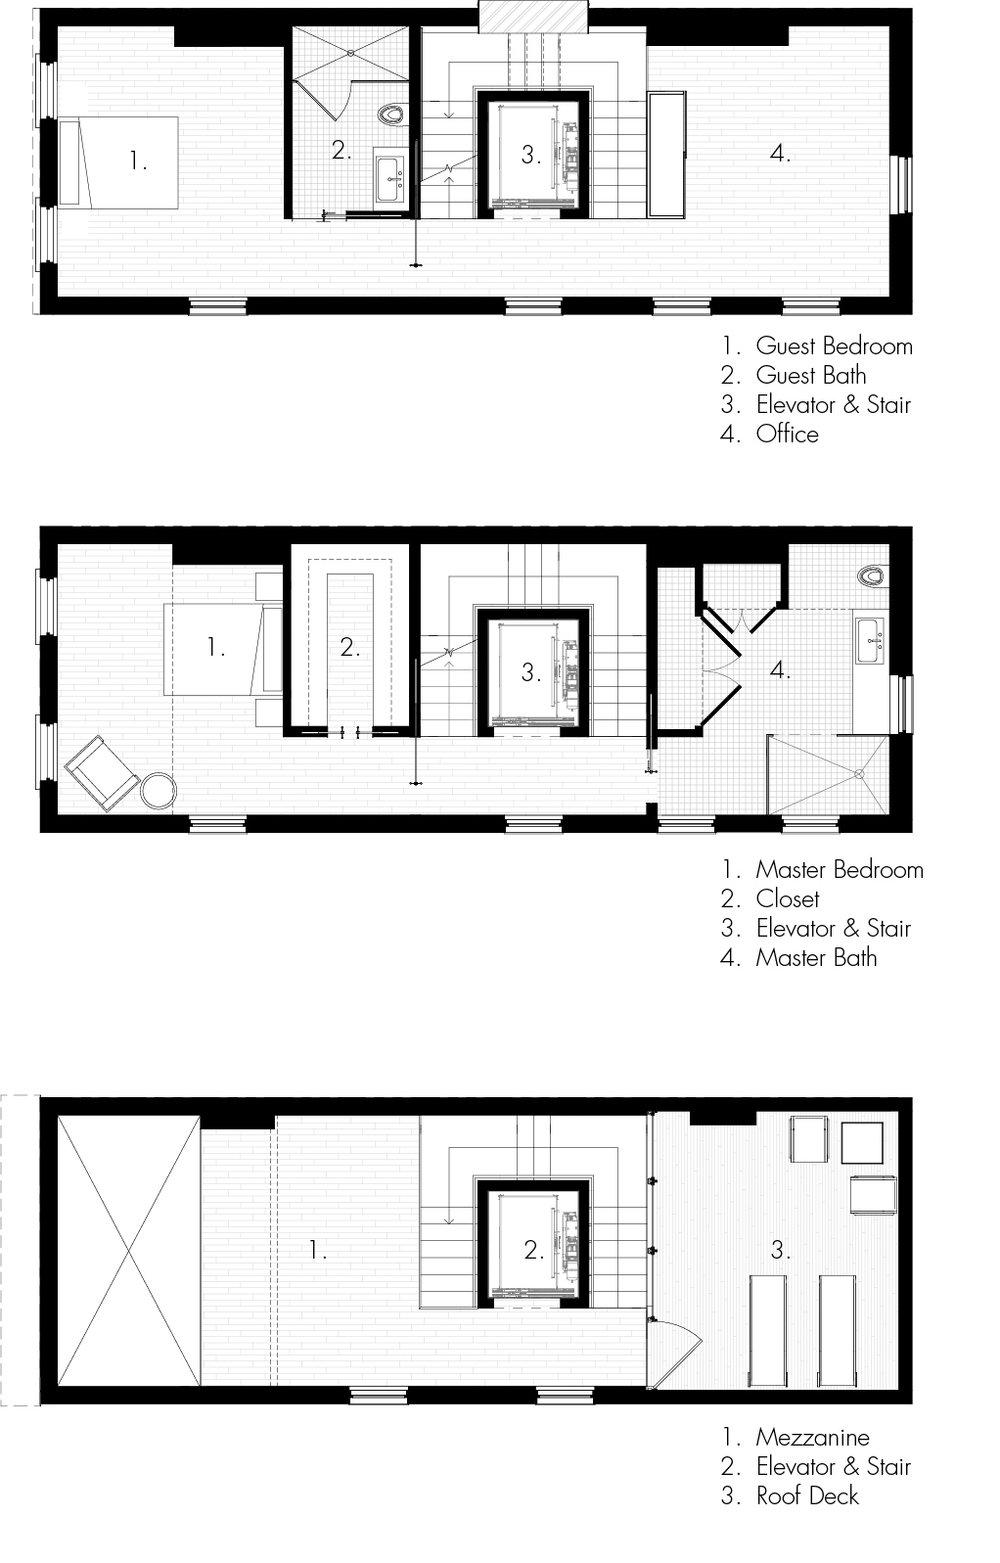 Plans_level_2-4.jpg